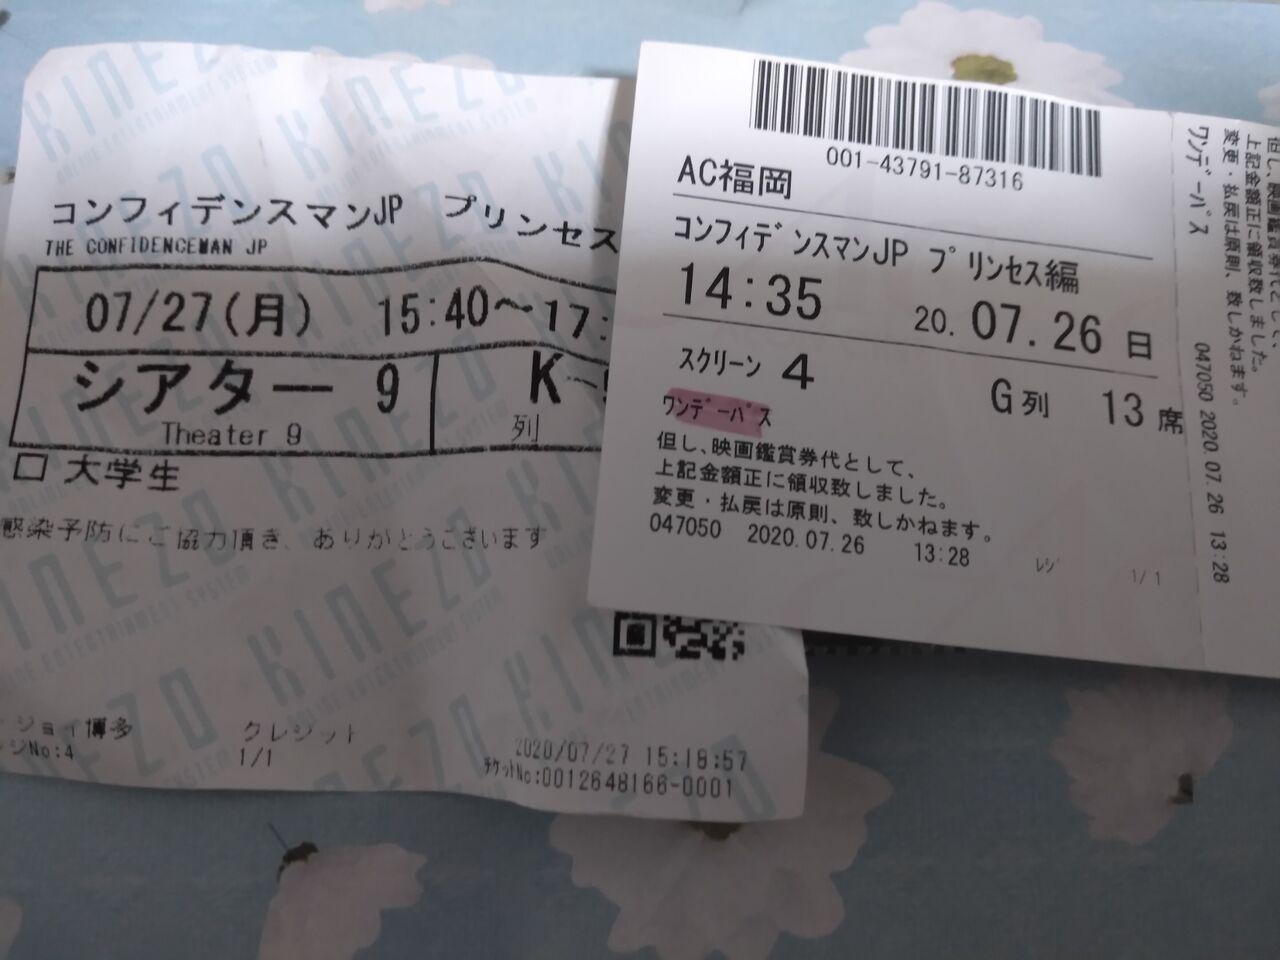 コンフィデンス マン jp プリンセス 編 ネタバレ